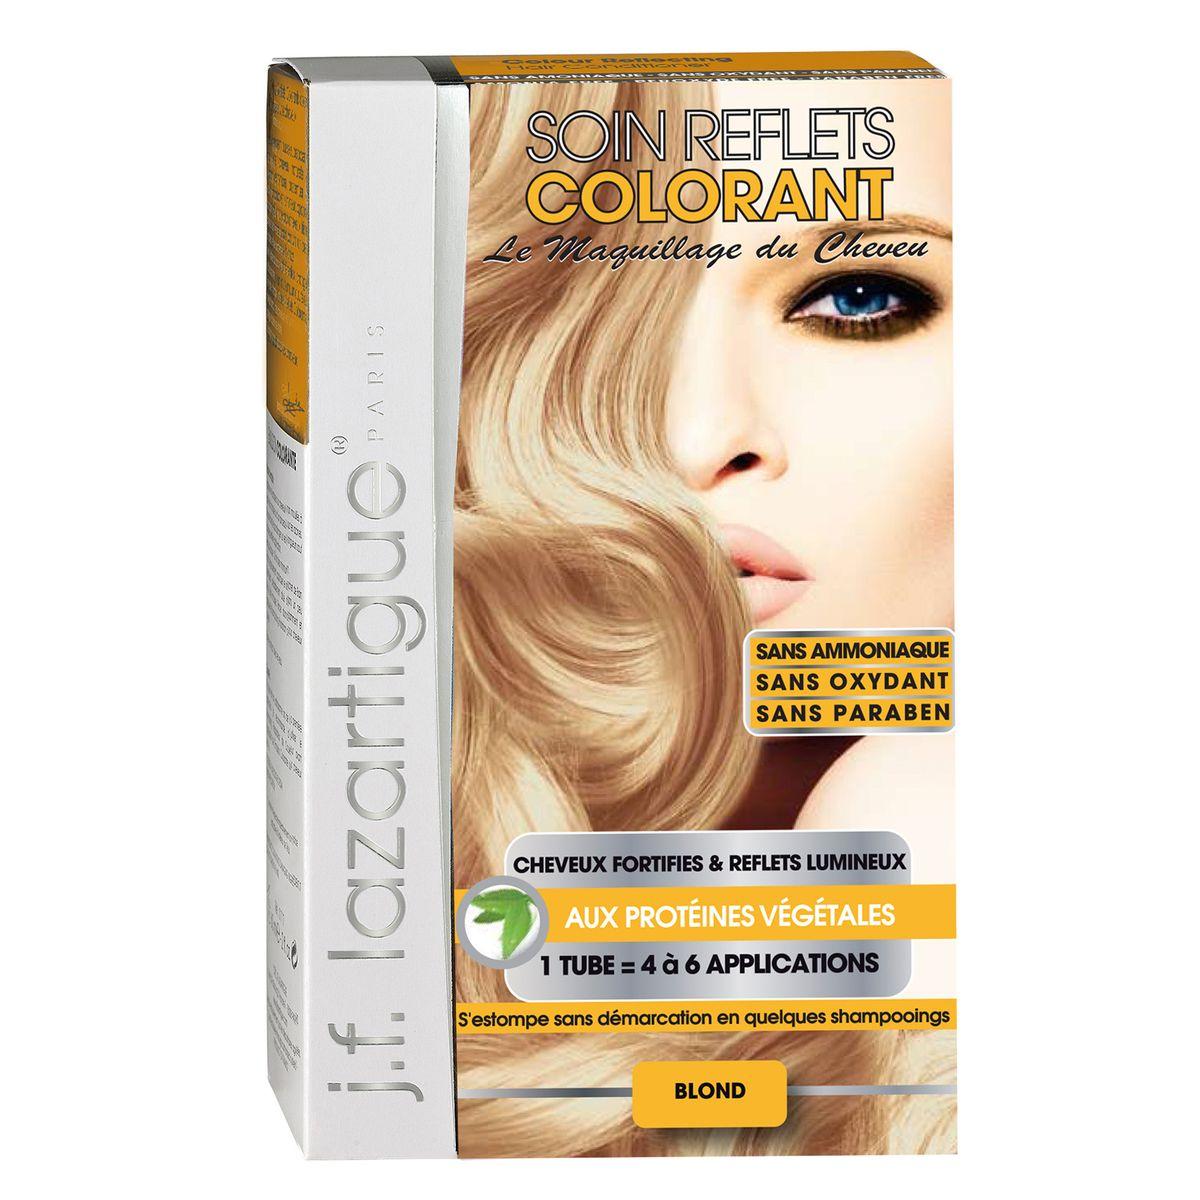 J.F.Lazartigue Оттеночный кондиционер для волос Блондин 100 мл766910Оттеночный кондиционер J.F.LAZARTIGUE – это лечебный макияж для Ваших волос. Два эффекта: кондиционирование волос и легкий оттенок. Особенности: придает новый или более теплый (или холодный) оттенок, делает тон темнее или акцентирует цвет, оживляет естественный цвет или придает яркость тусклым и выцветшим на солнце волосам. Закрашивает небольшой процент седины! После мытья волос шампунем (3-6 раз) смывается. Для достижения индивидуального оттенка можно смешать два разных кондиционера: добавить к выбранному ТЕМНЫЙ РЫЖИЙ (Auburn), МЕДНЫЙ (Copper) и т.п. Не осветляет волосы. Не содержит аммиака и перекиси водорода. Не содержит парабенов. Не предназначен для окрашивания бровей и ресниц.